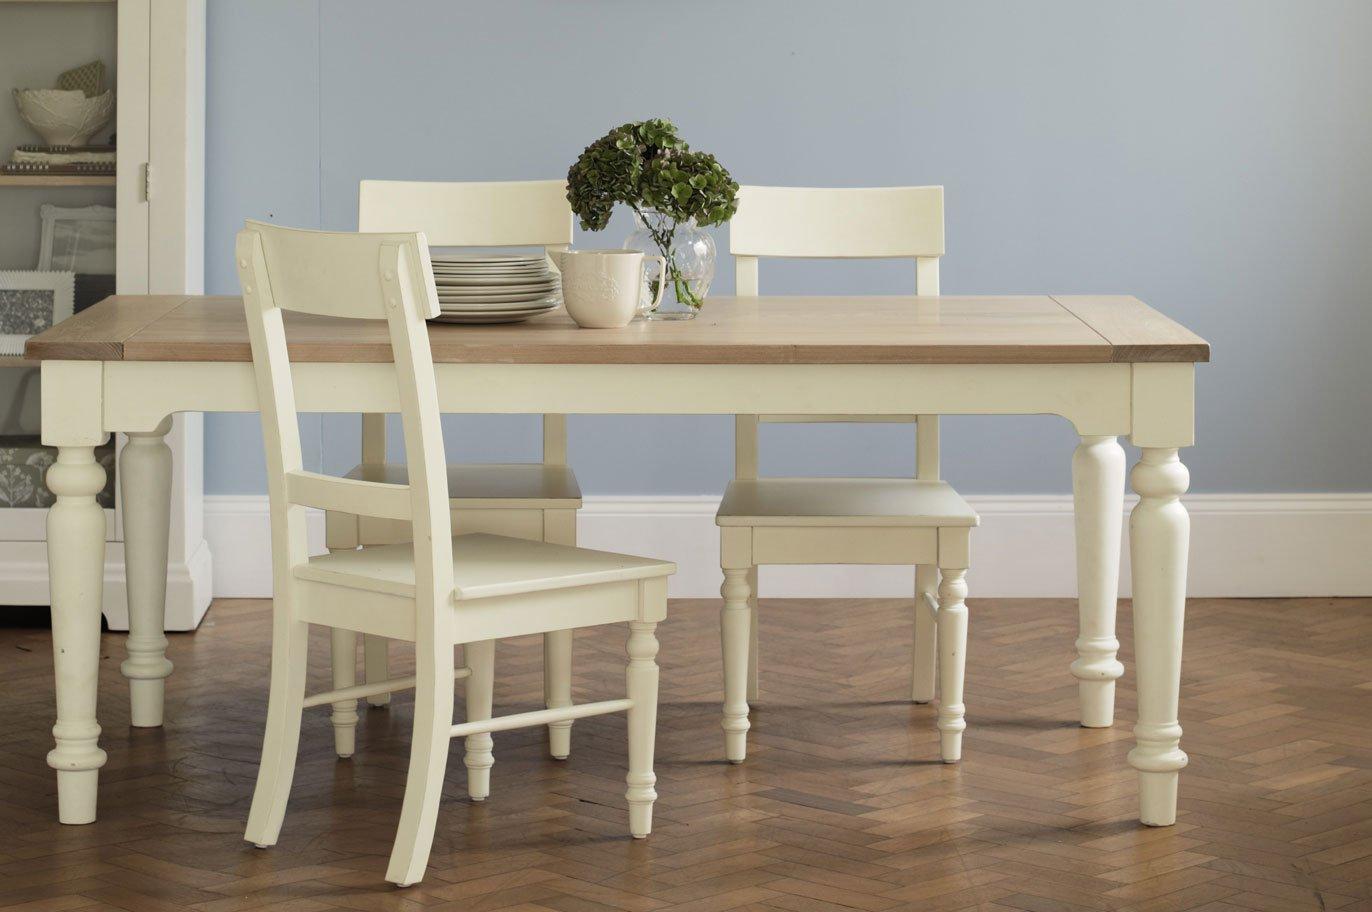 muebles para una cocina de estilo inglés. decoración del hogar.